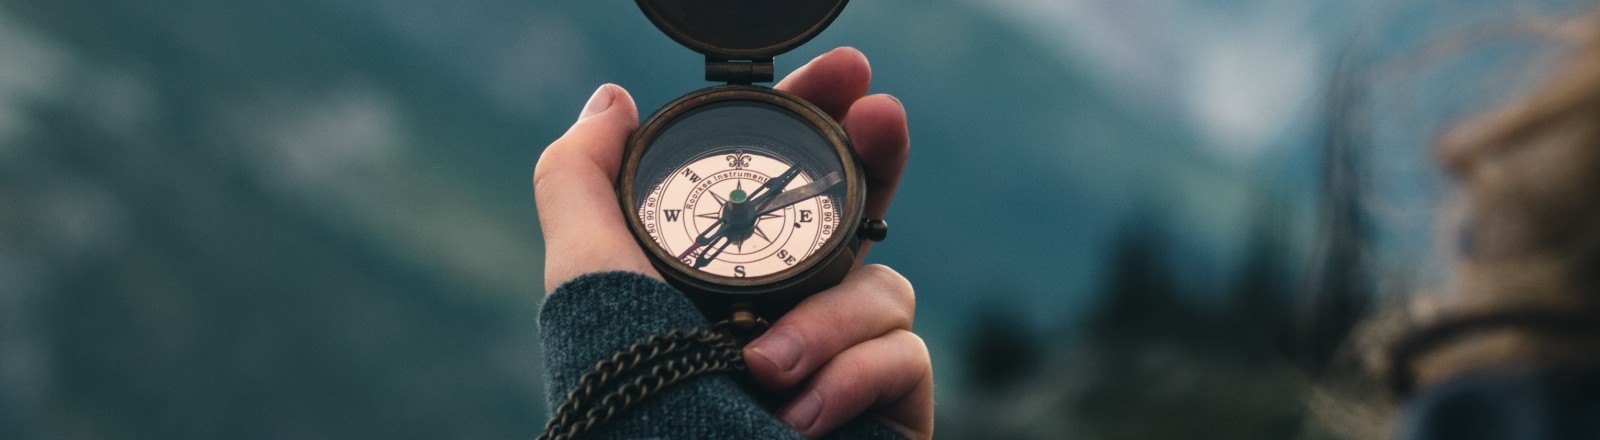 Eine Frau hält einen Kompass in der Hand.